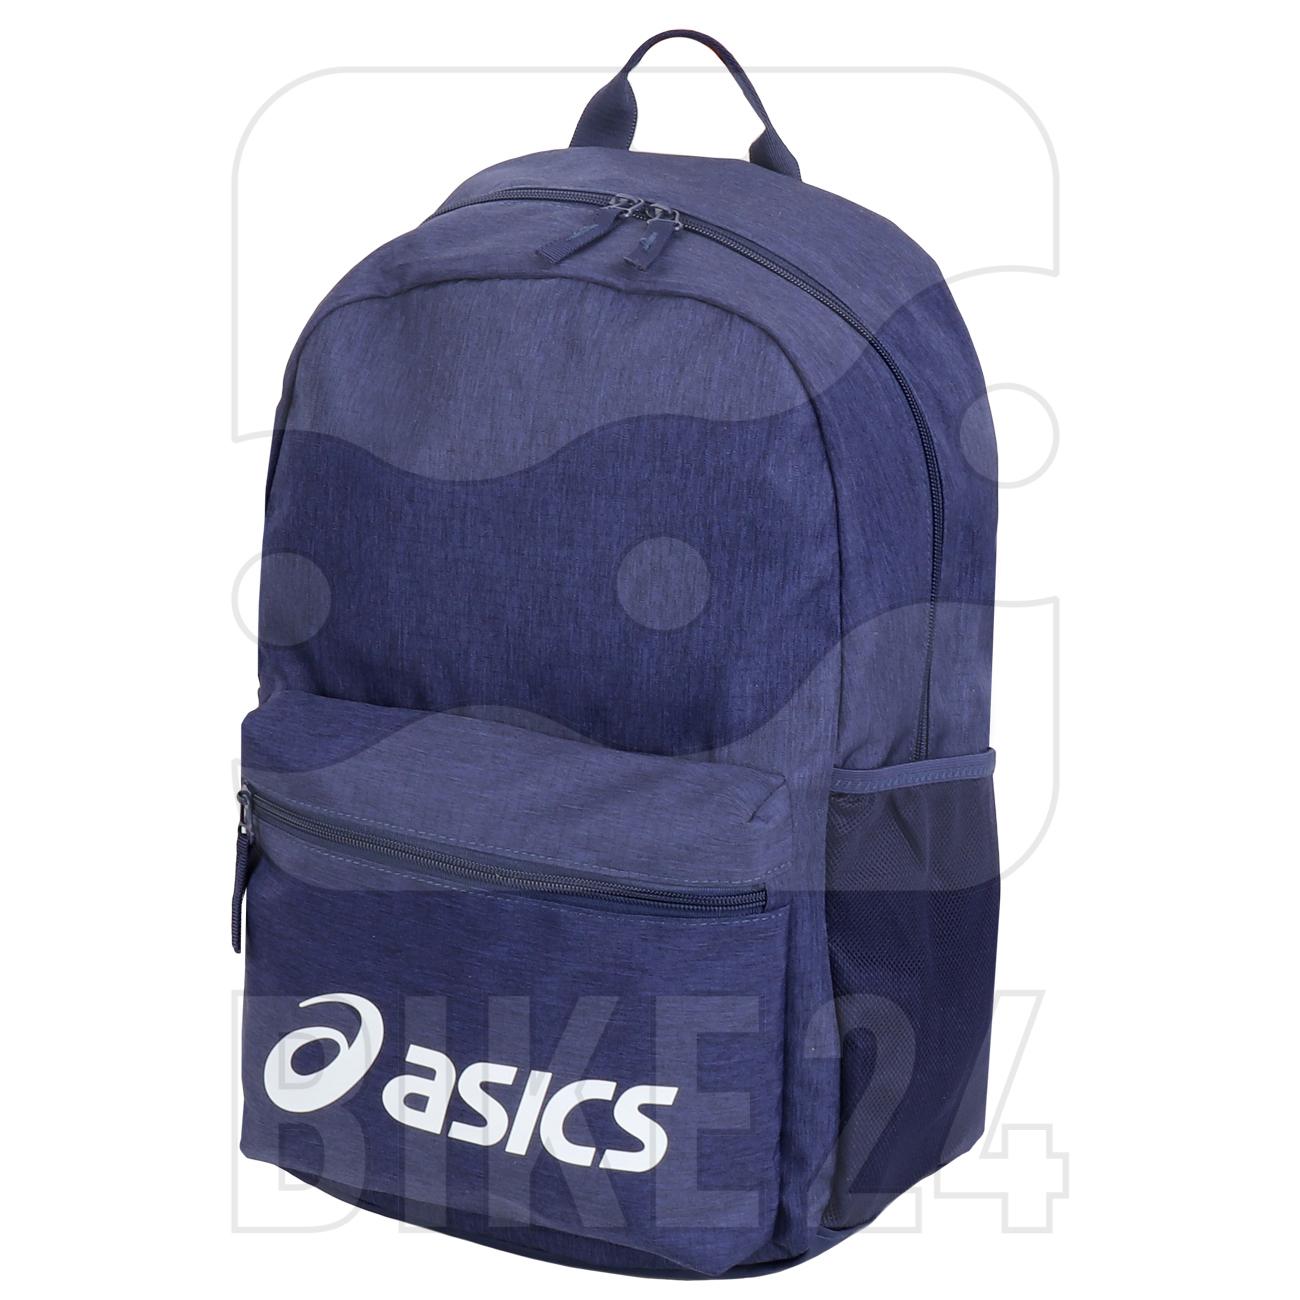 asics Sport Backpack - peacoat